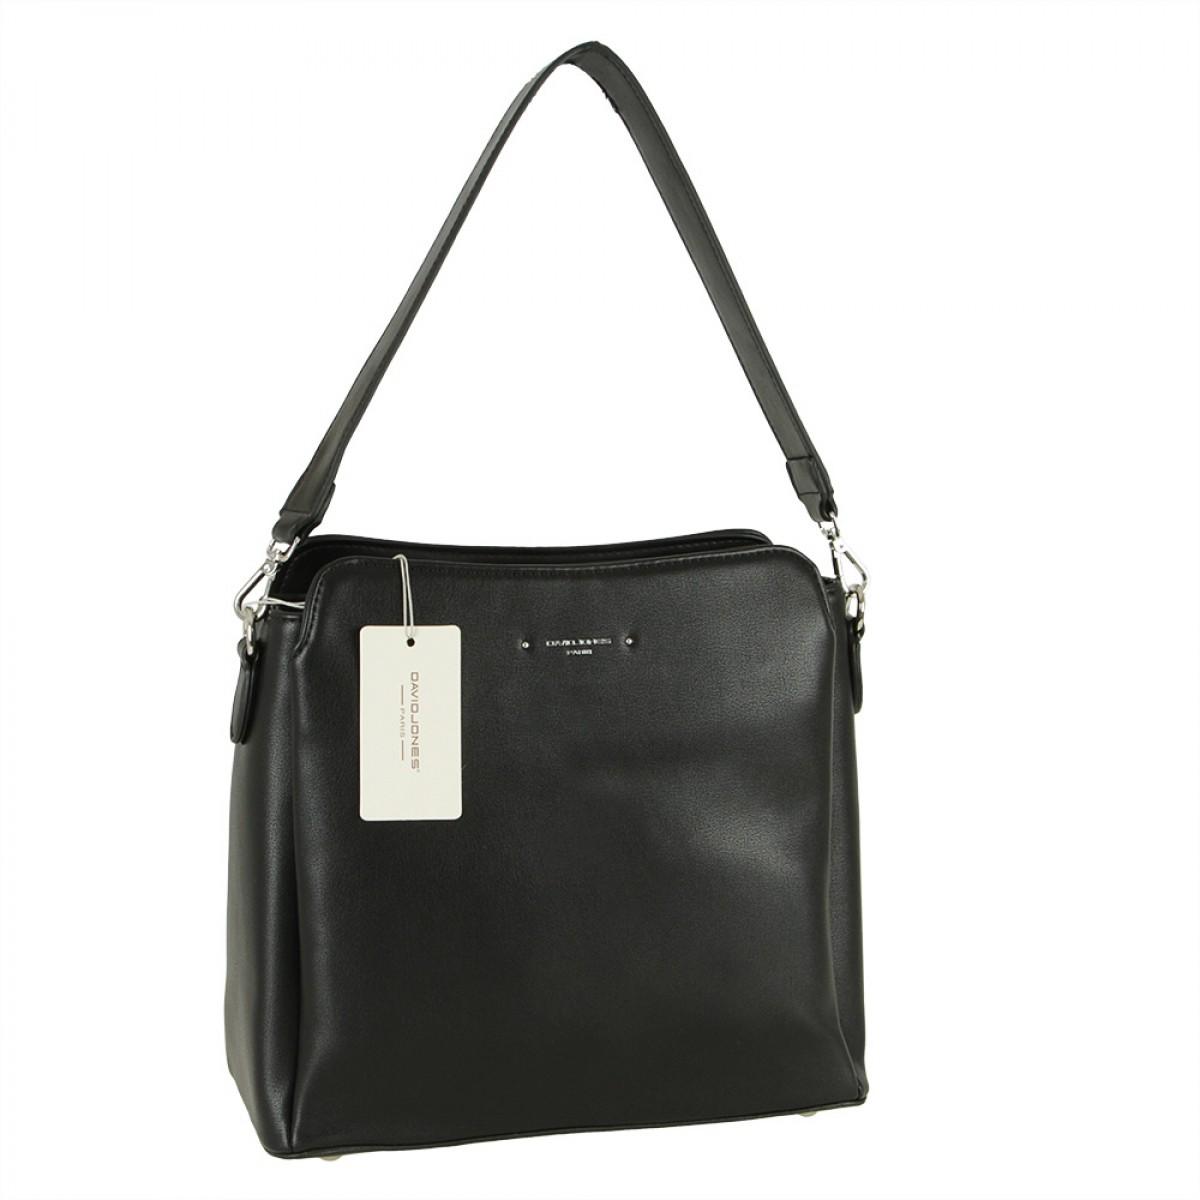 Жіноча сумка David Jones 6295-1 BLACK